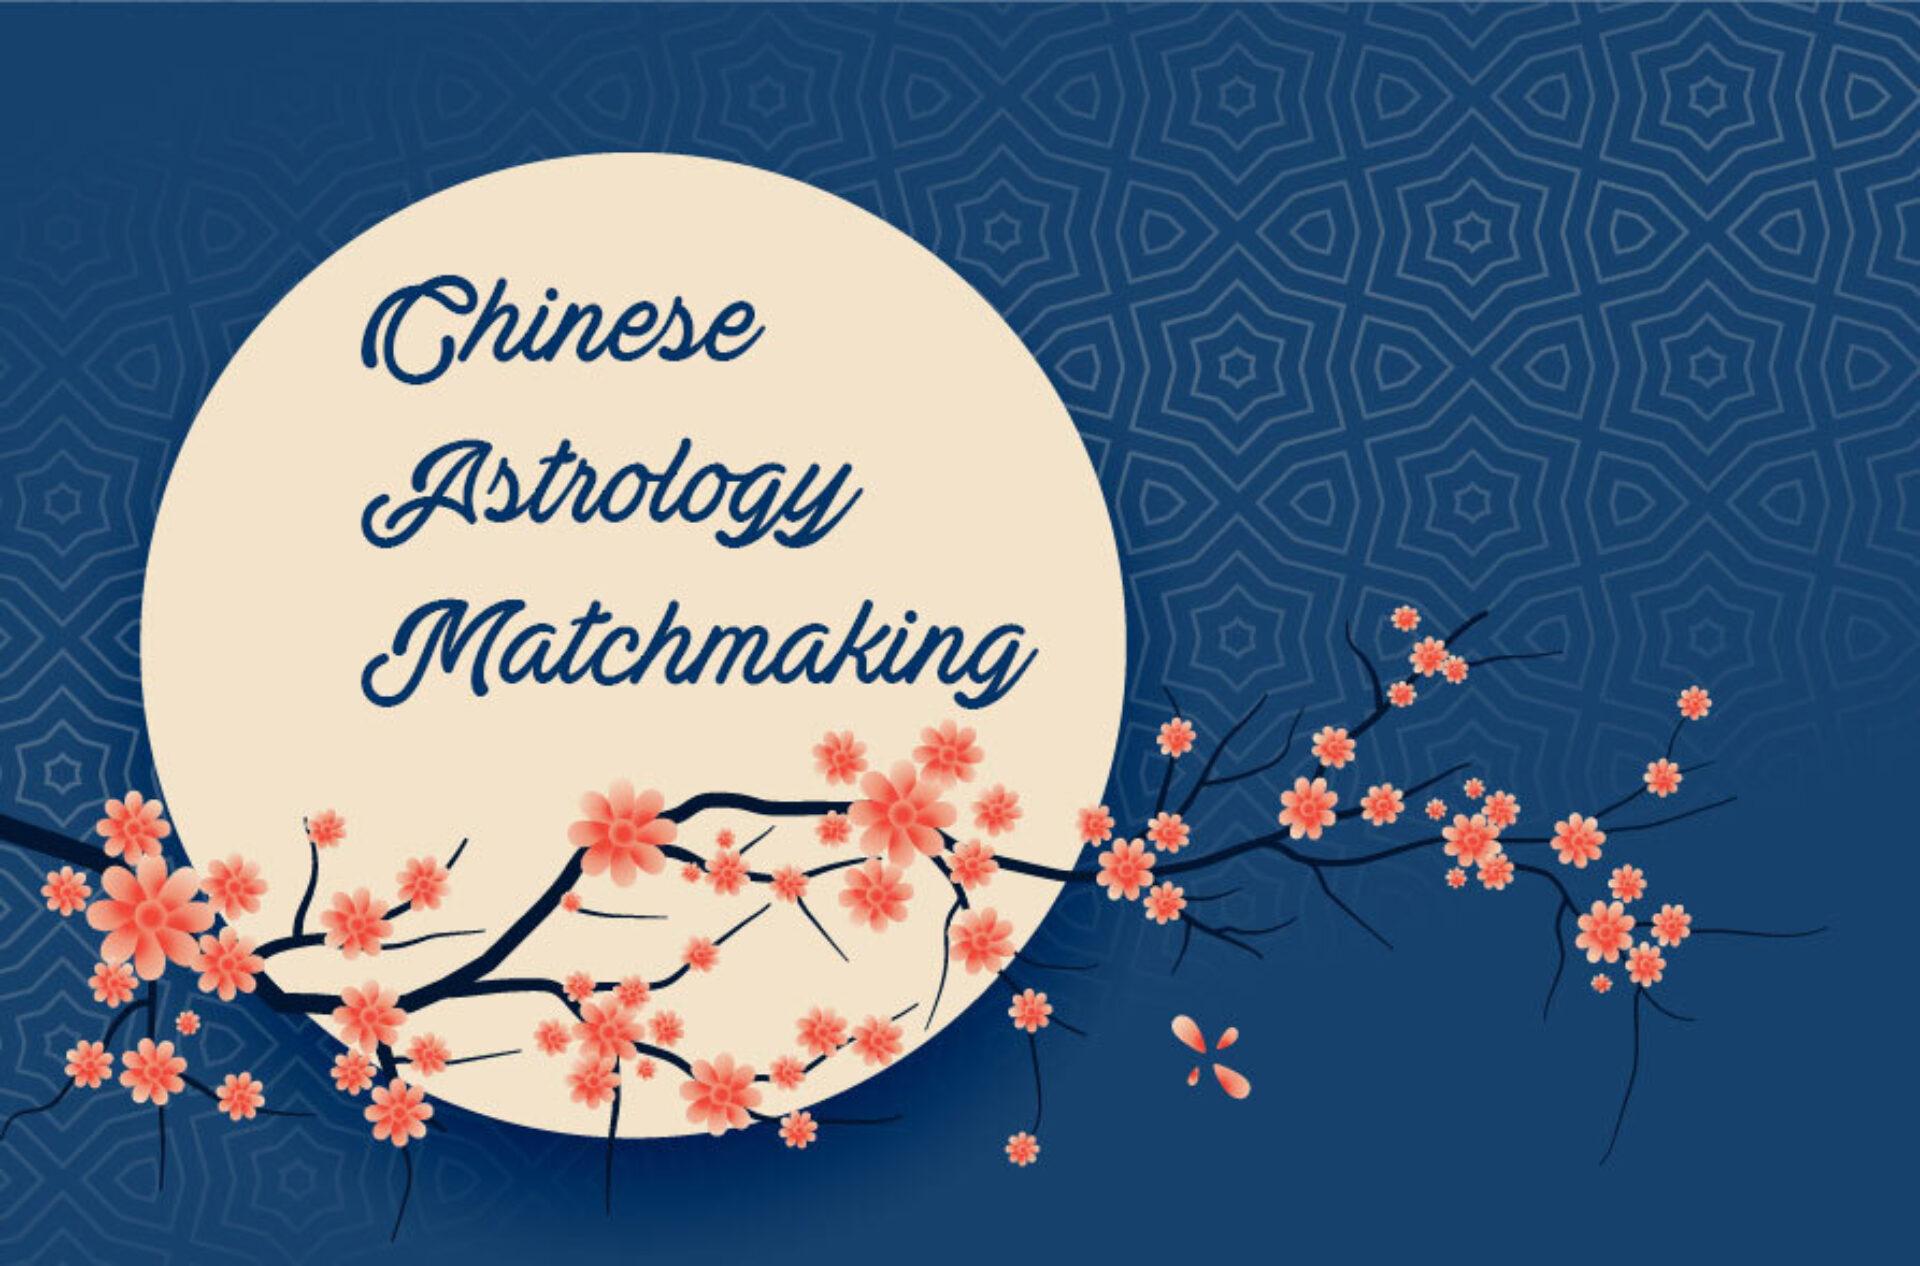 Daten volgens de Chinese Astrologie: dit Chinese teken is jouw perfecte match